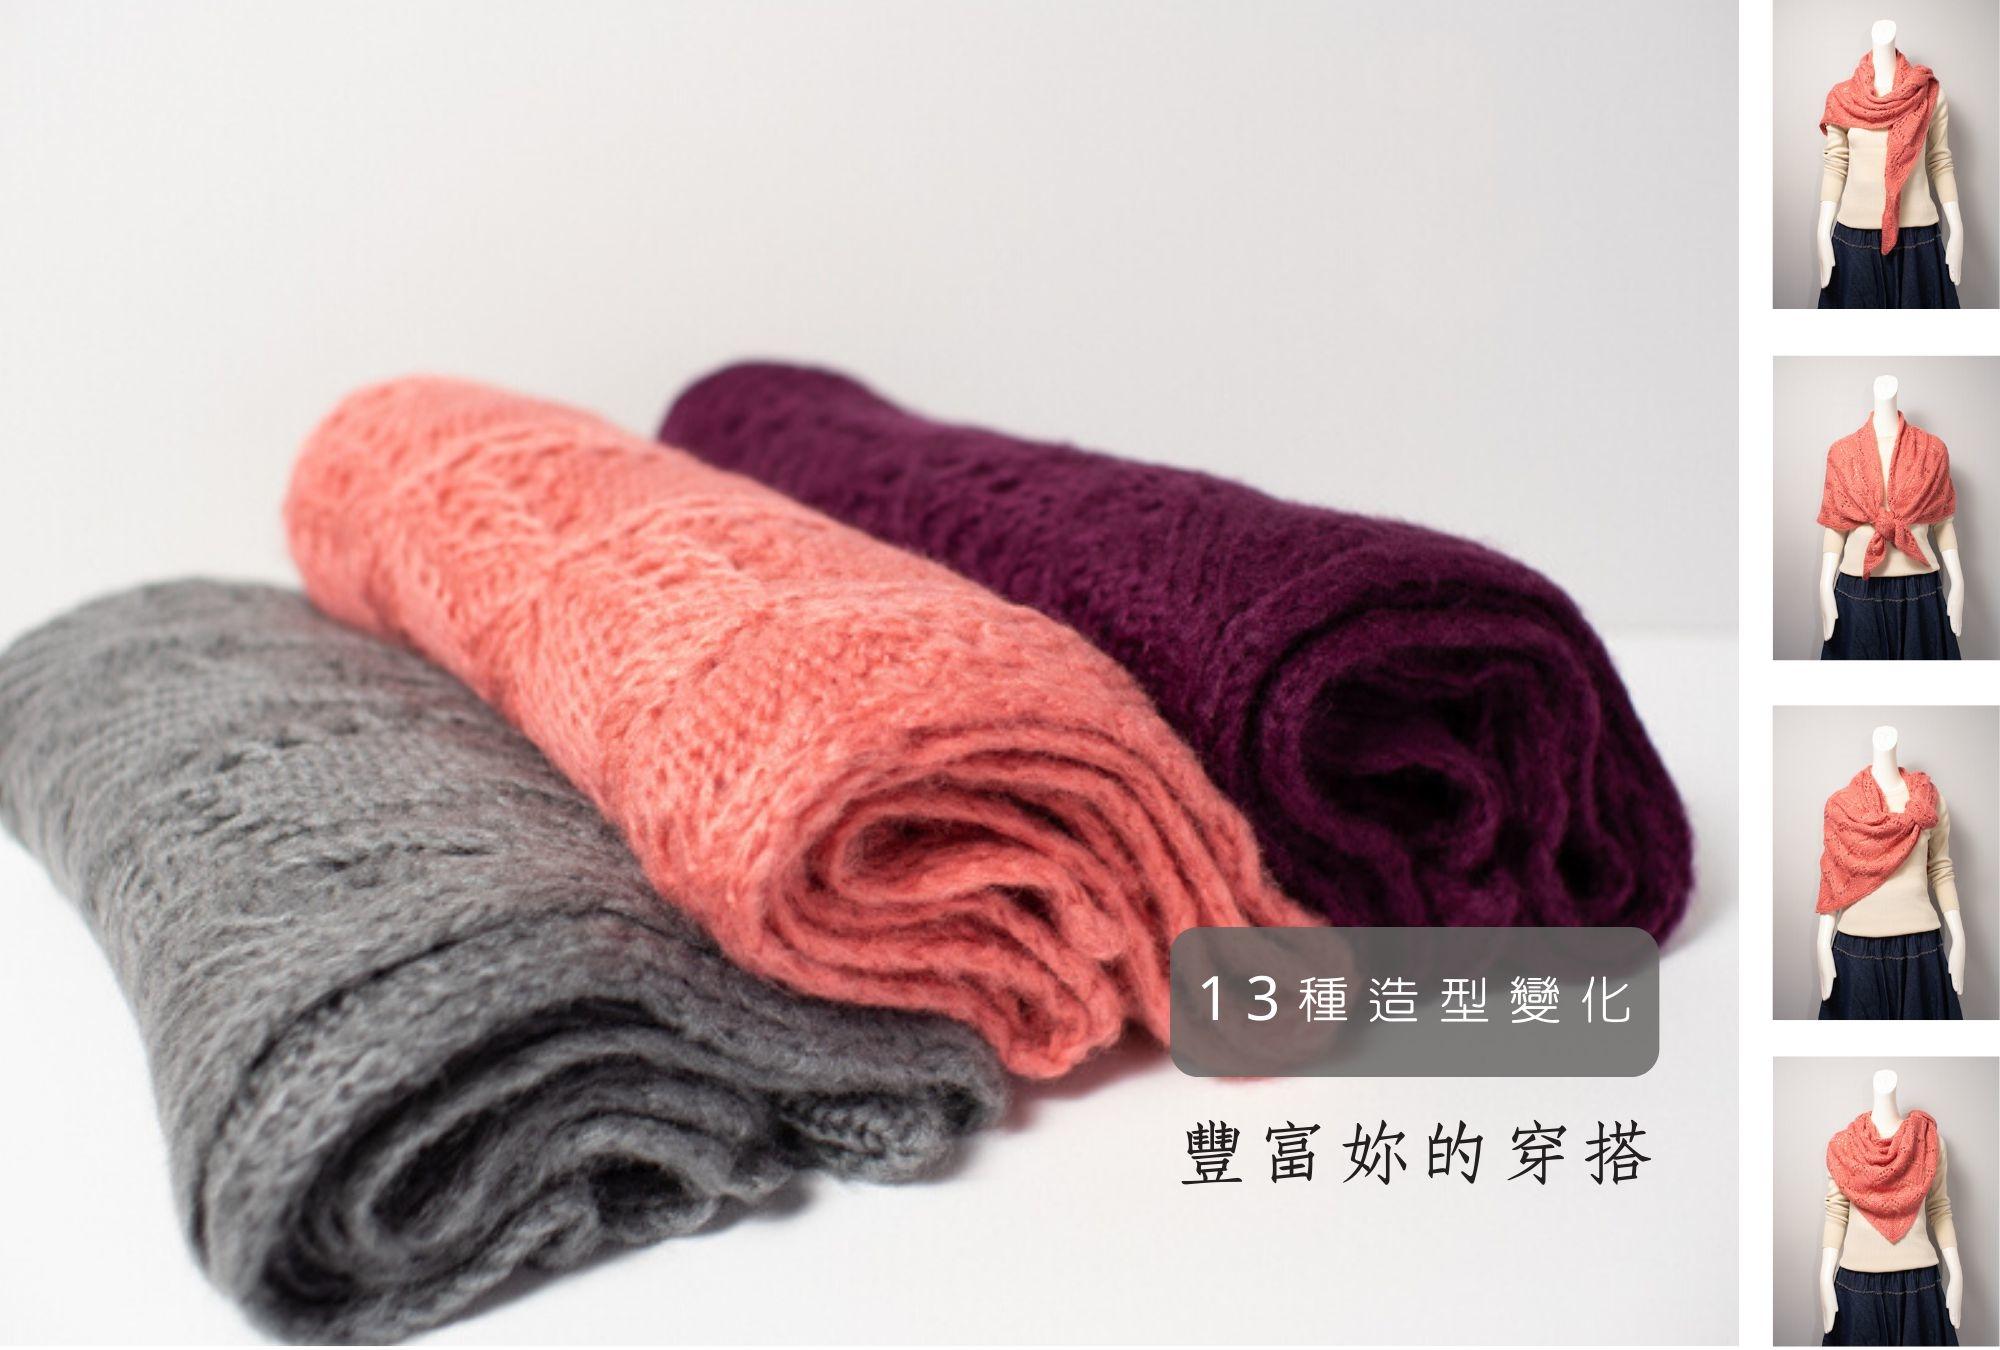 毛海造型編織披肩蕾絲織花設計  O-LIWAY